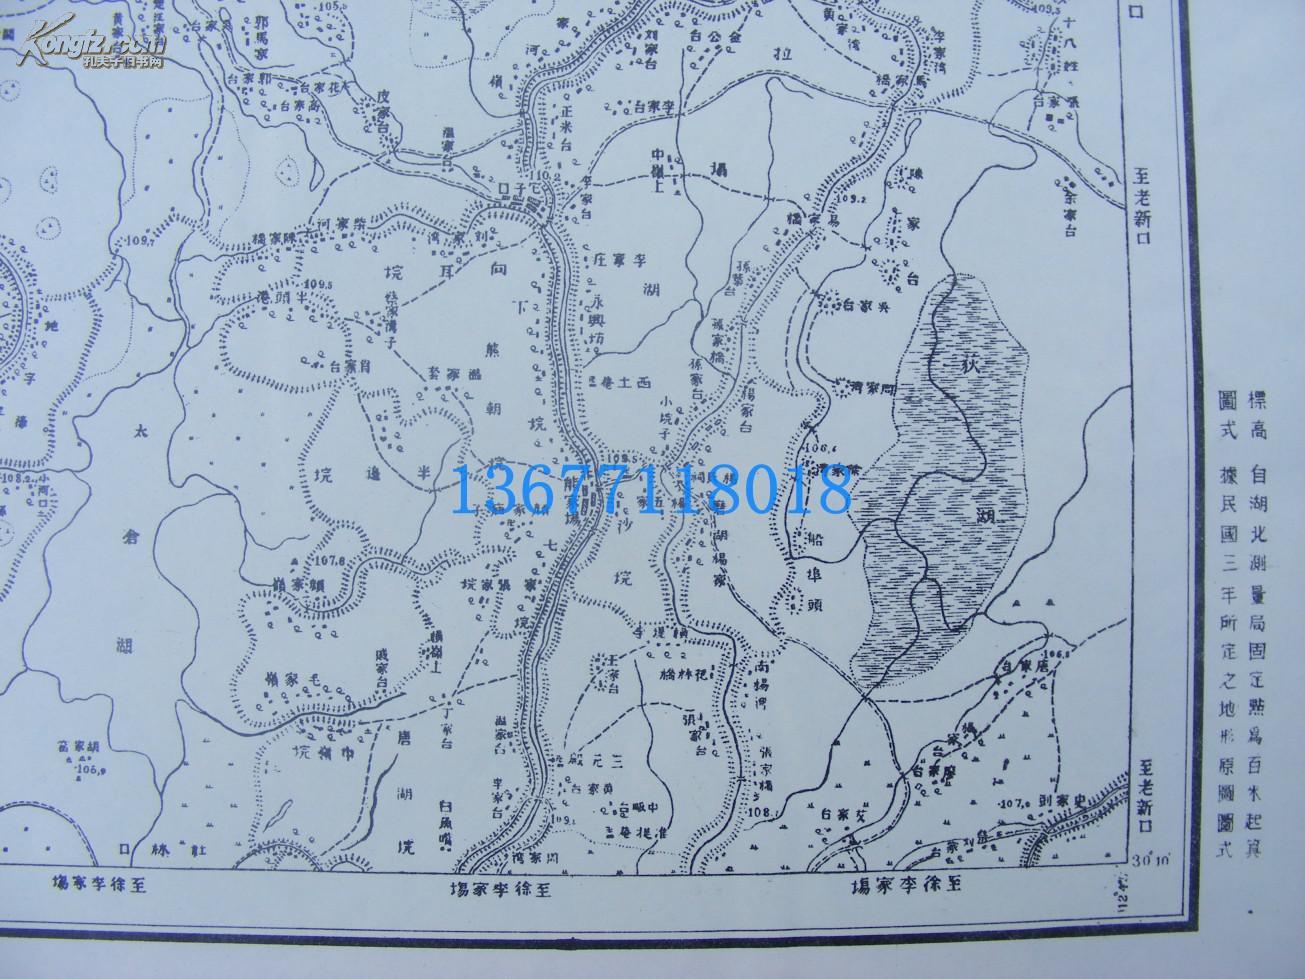 民国(日军侵华)地图(96)~~湖北省潜江县江陵县【龙湾